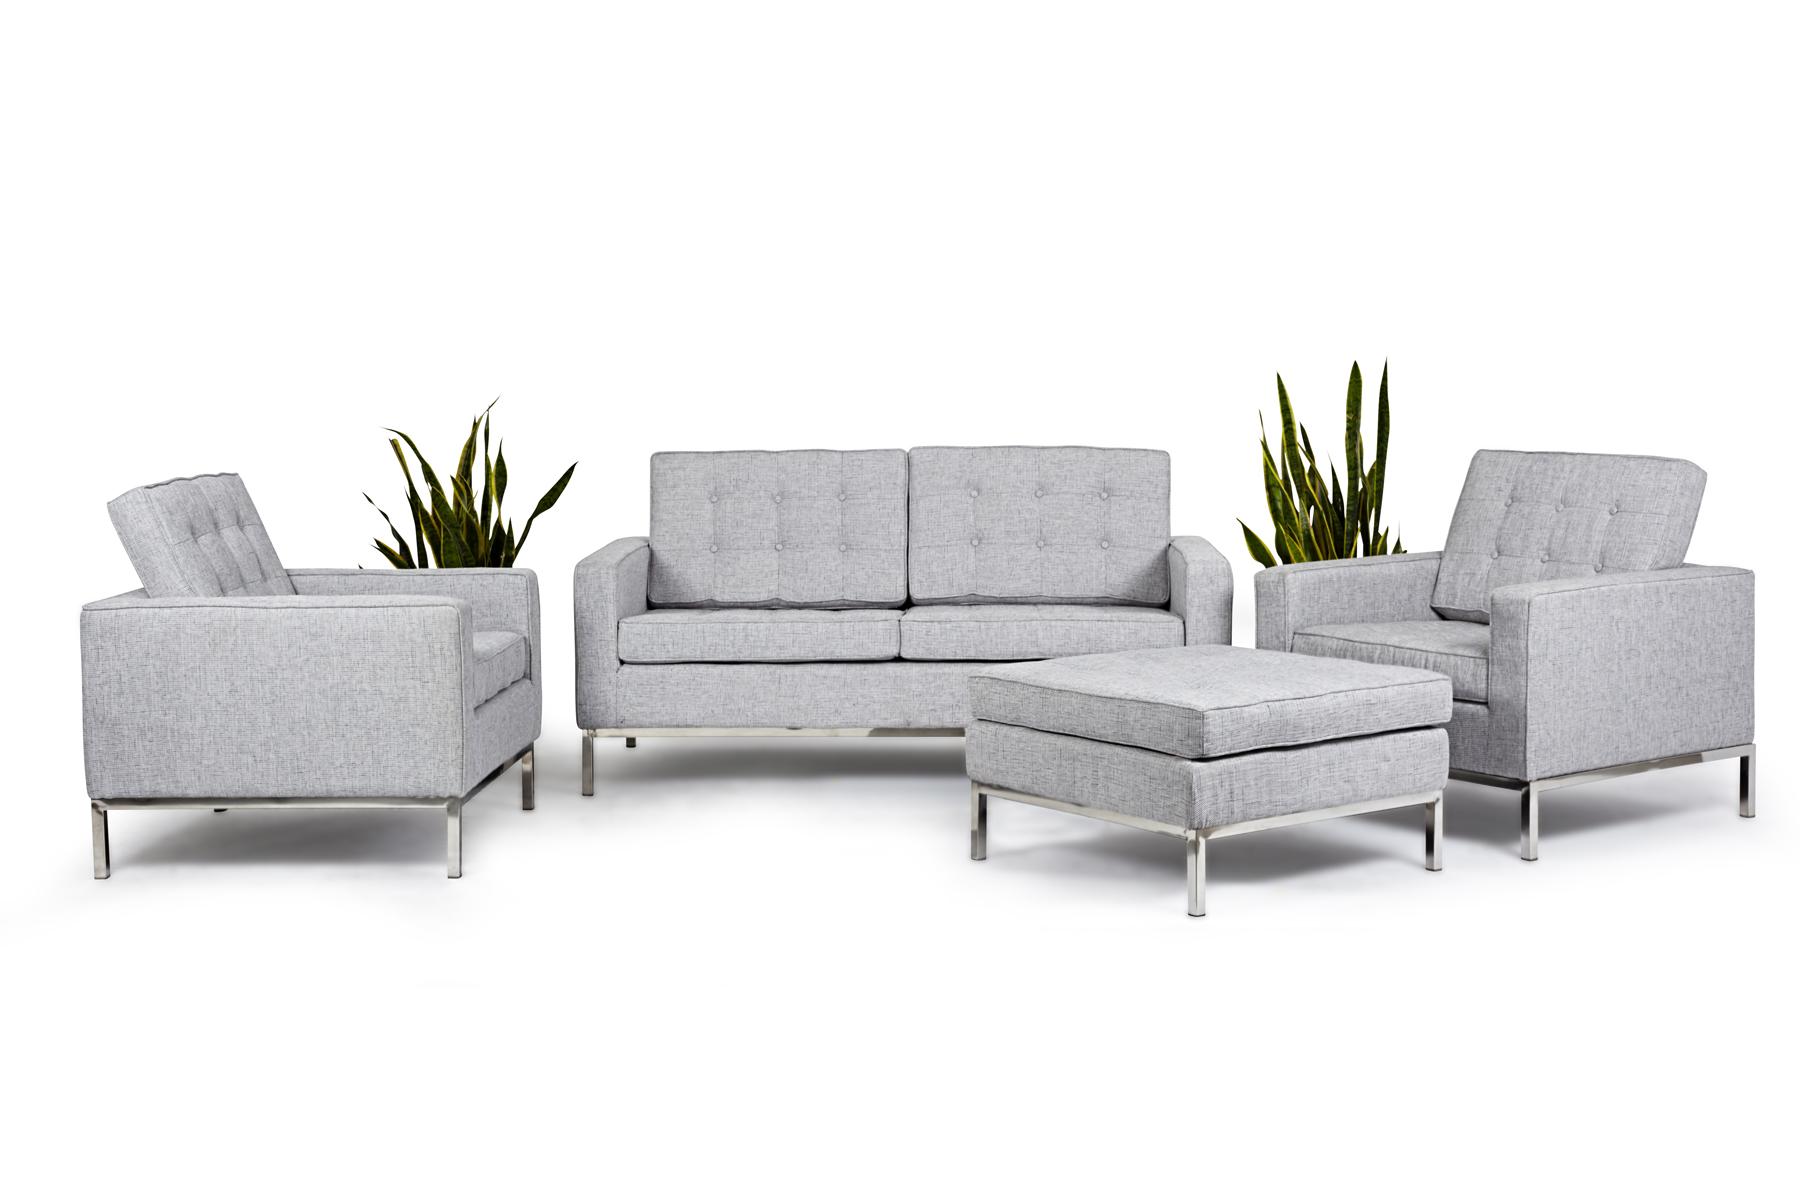 Furniture_Set.jpg